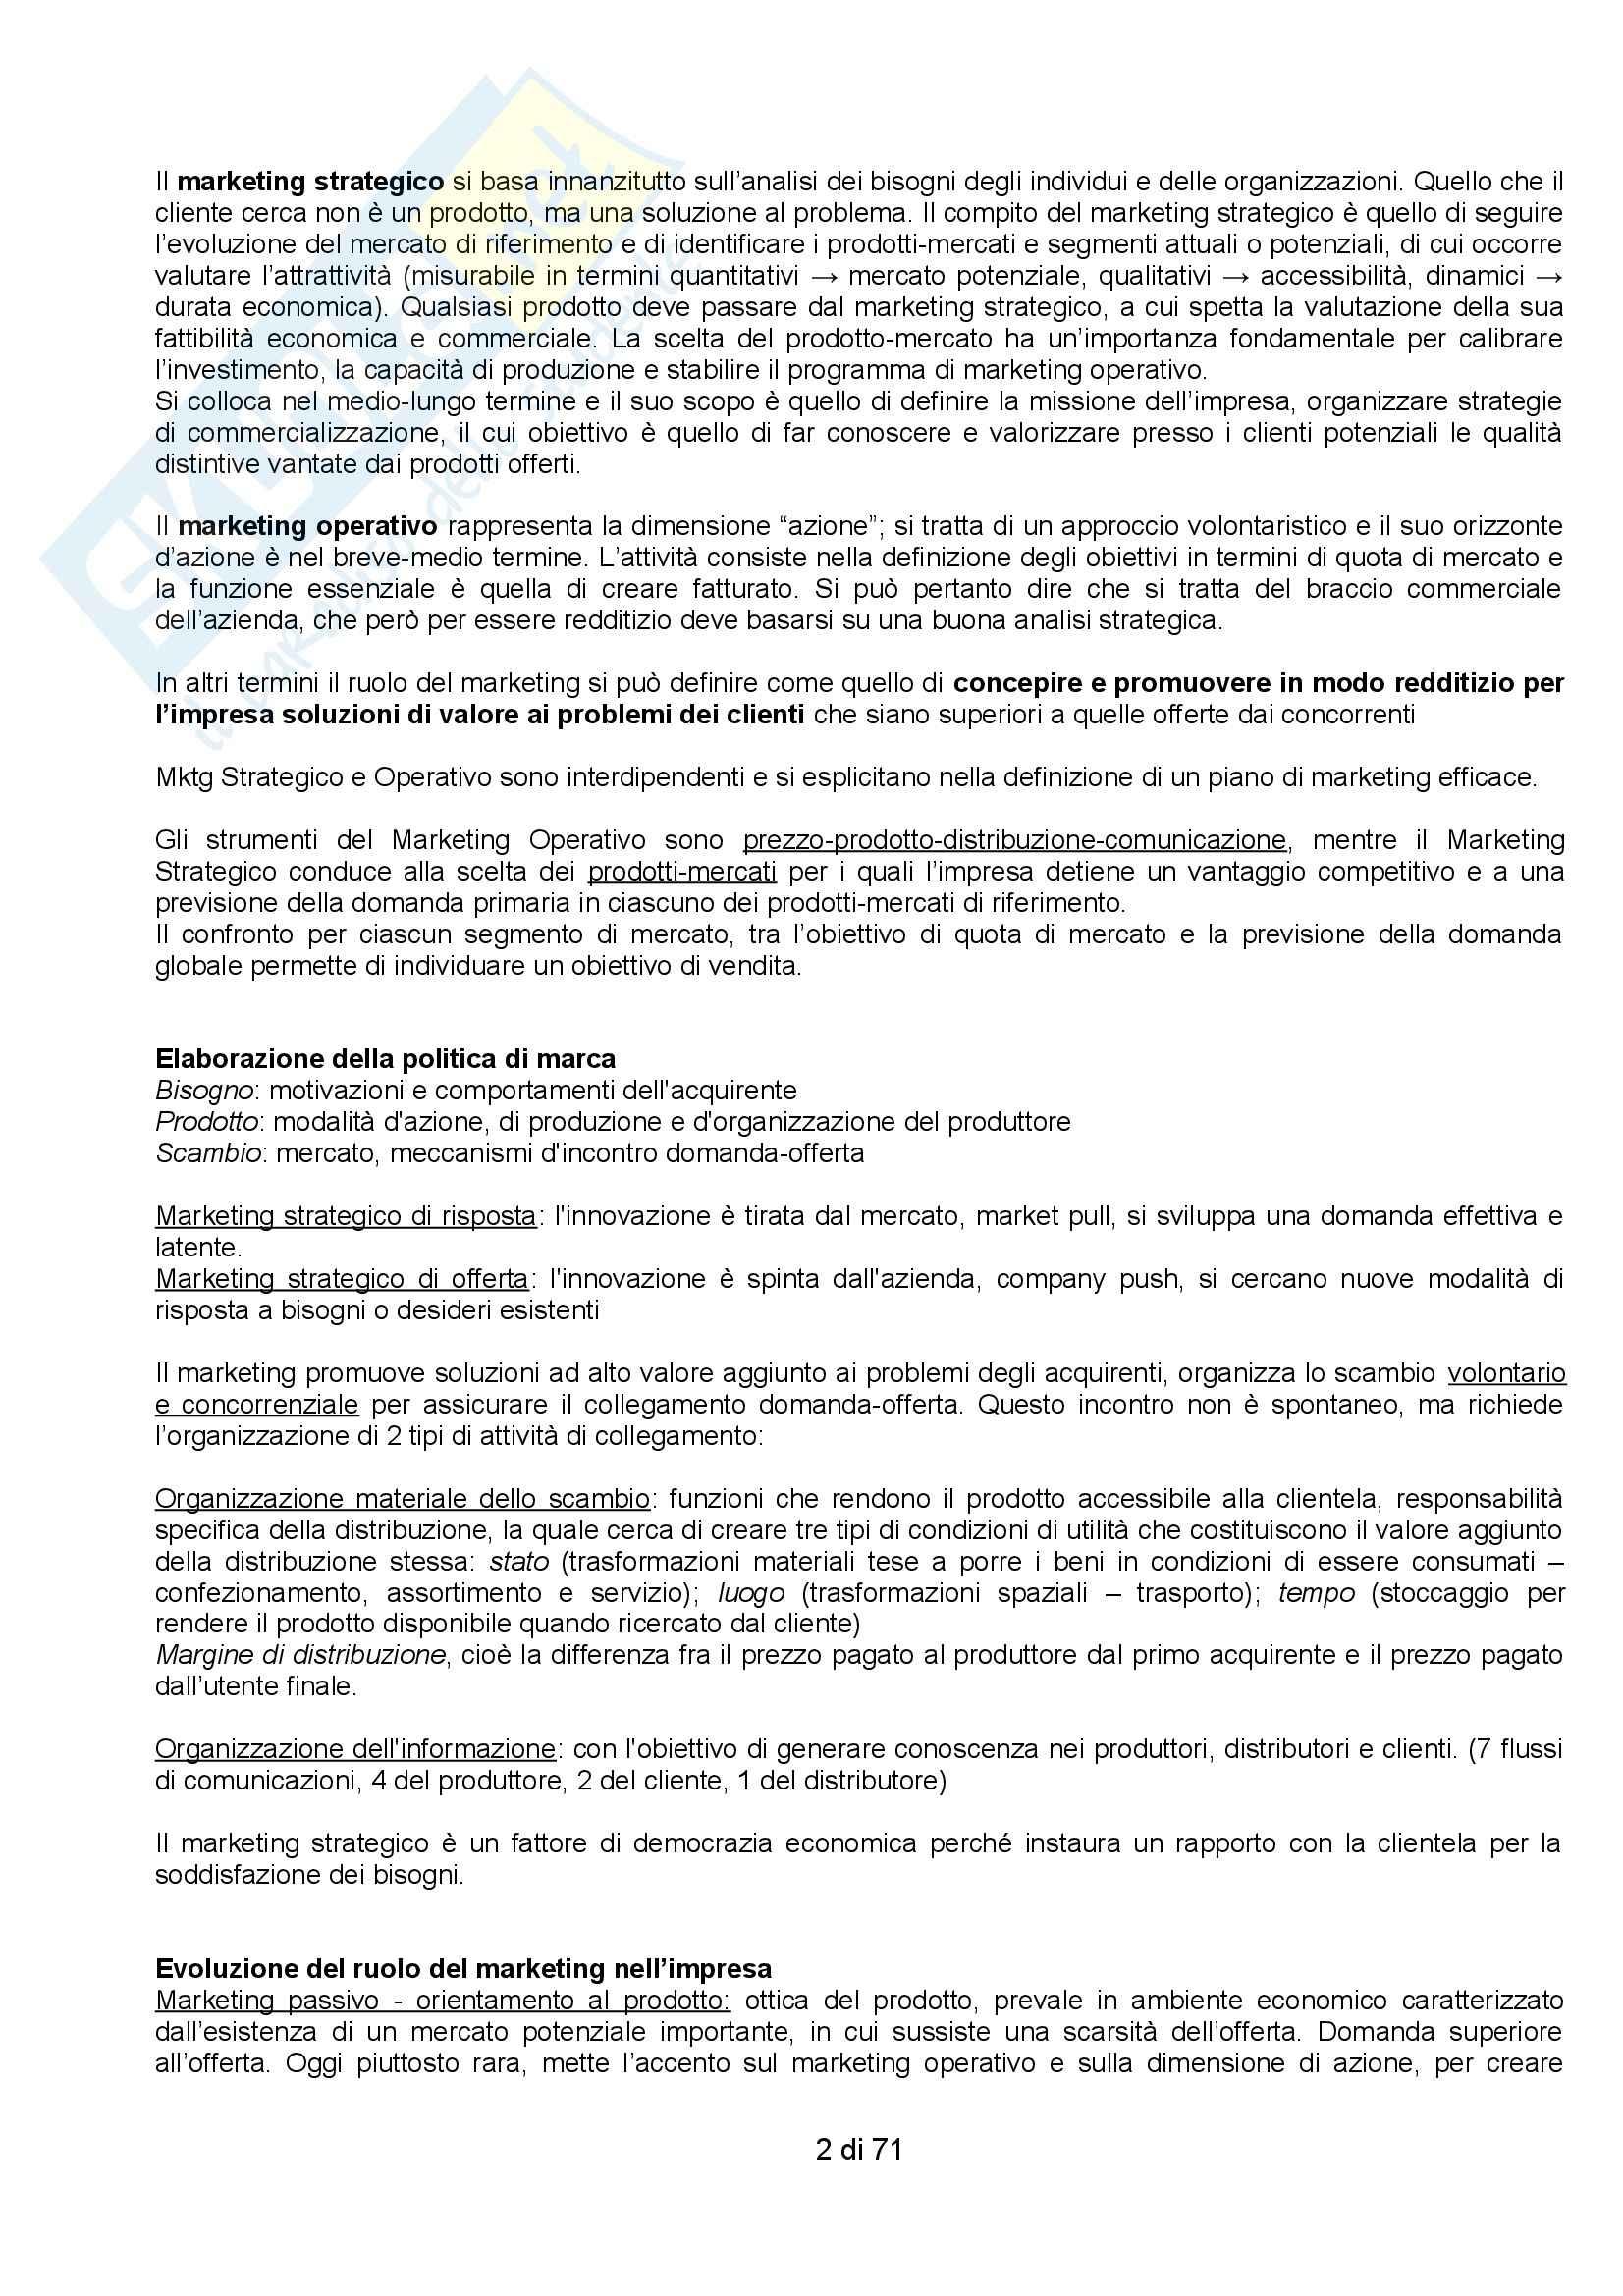 Riassunto esame Organizzazione Aziendale, prof. Vernuccio, libro consigliato Marketing Strategico e Operativo, Lambin Pag. 2